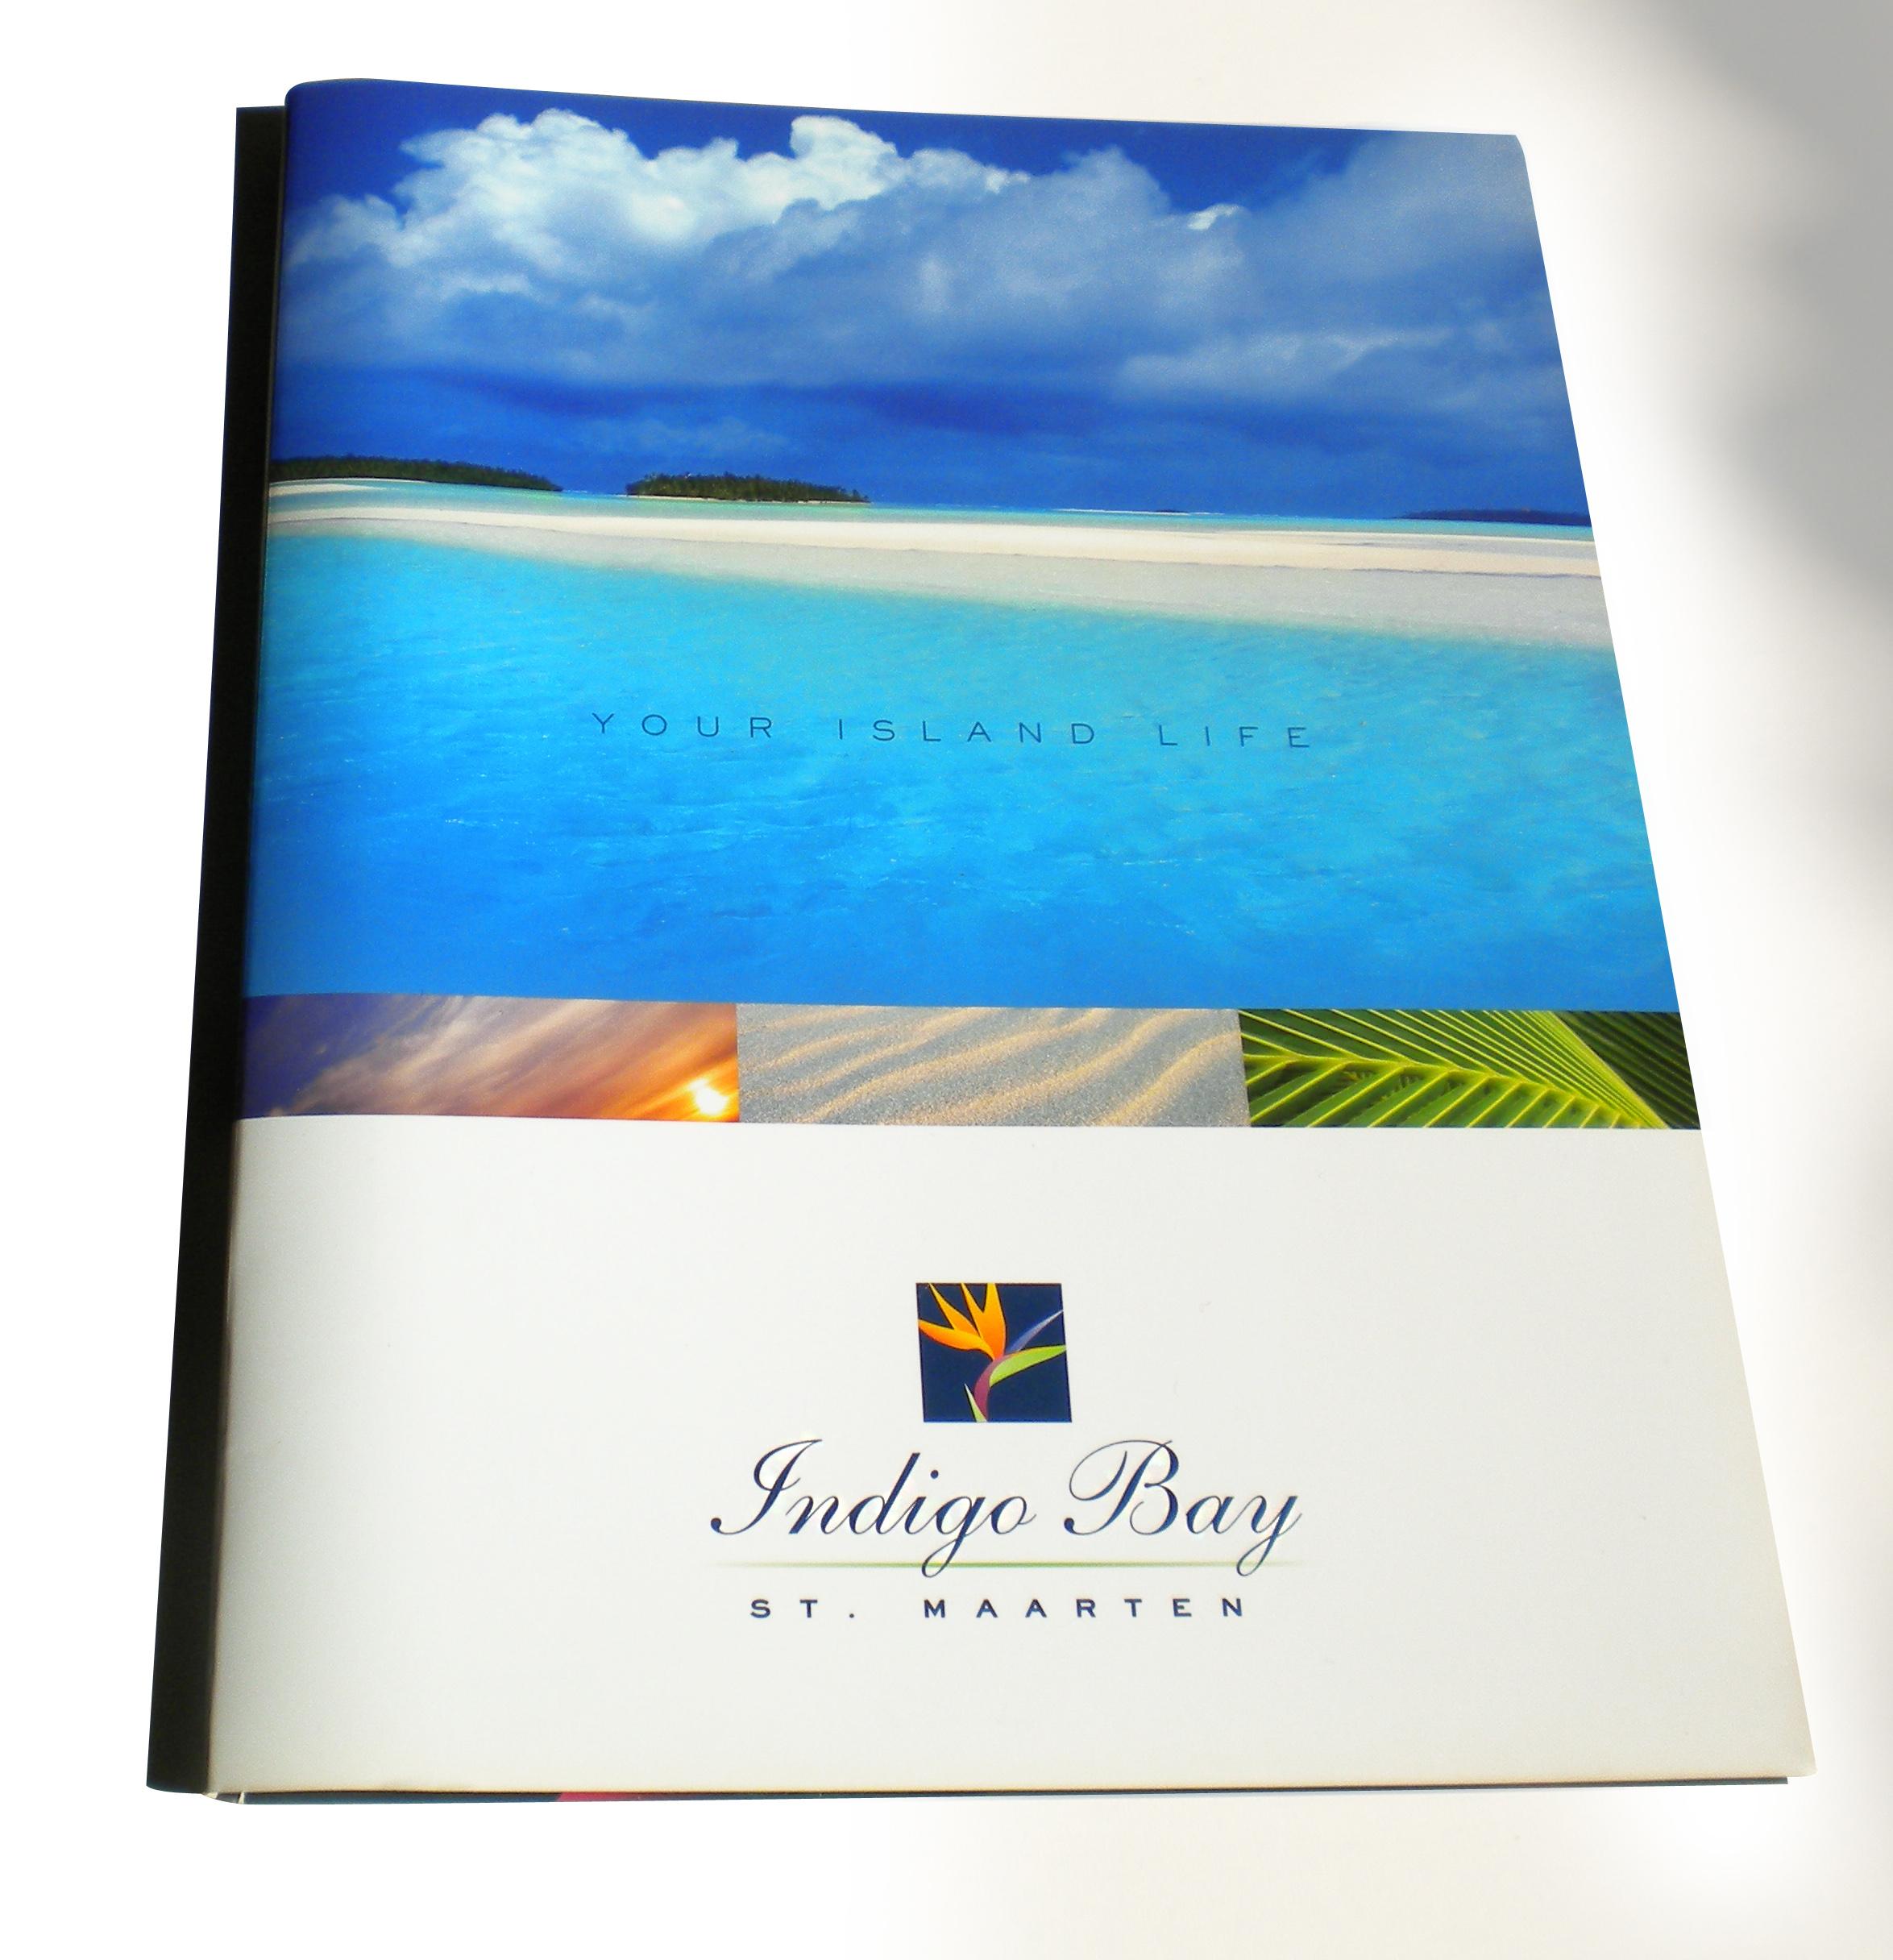 Indigo Bay